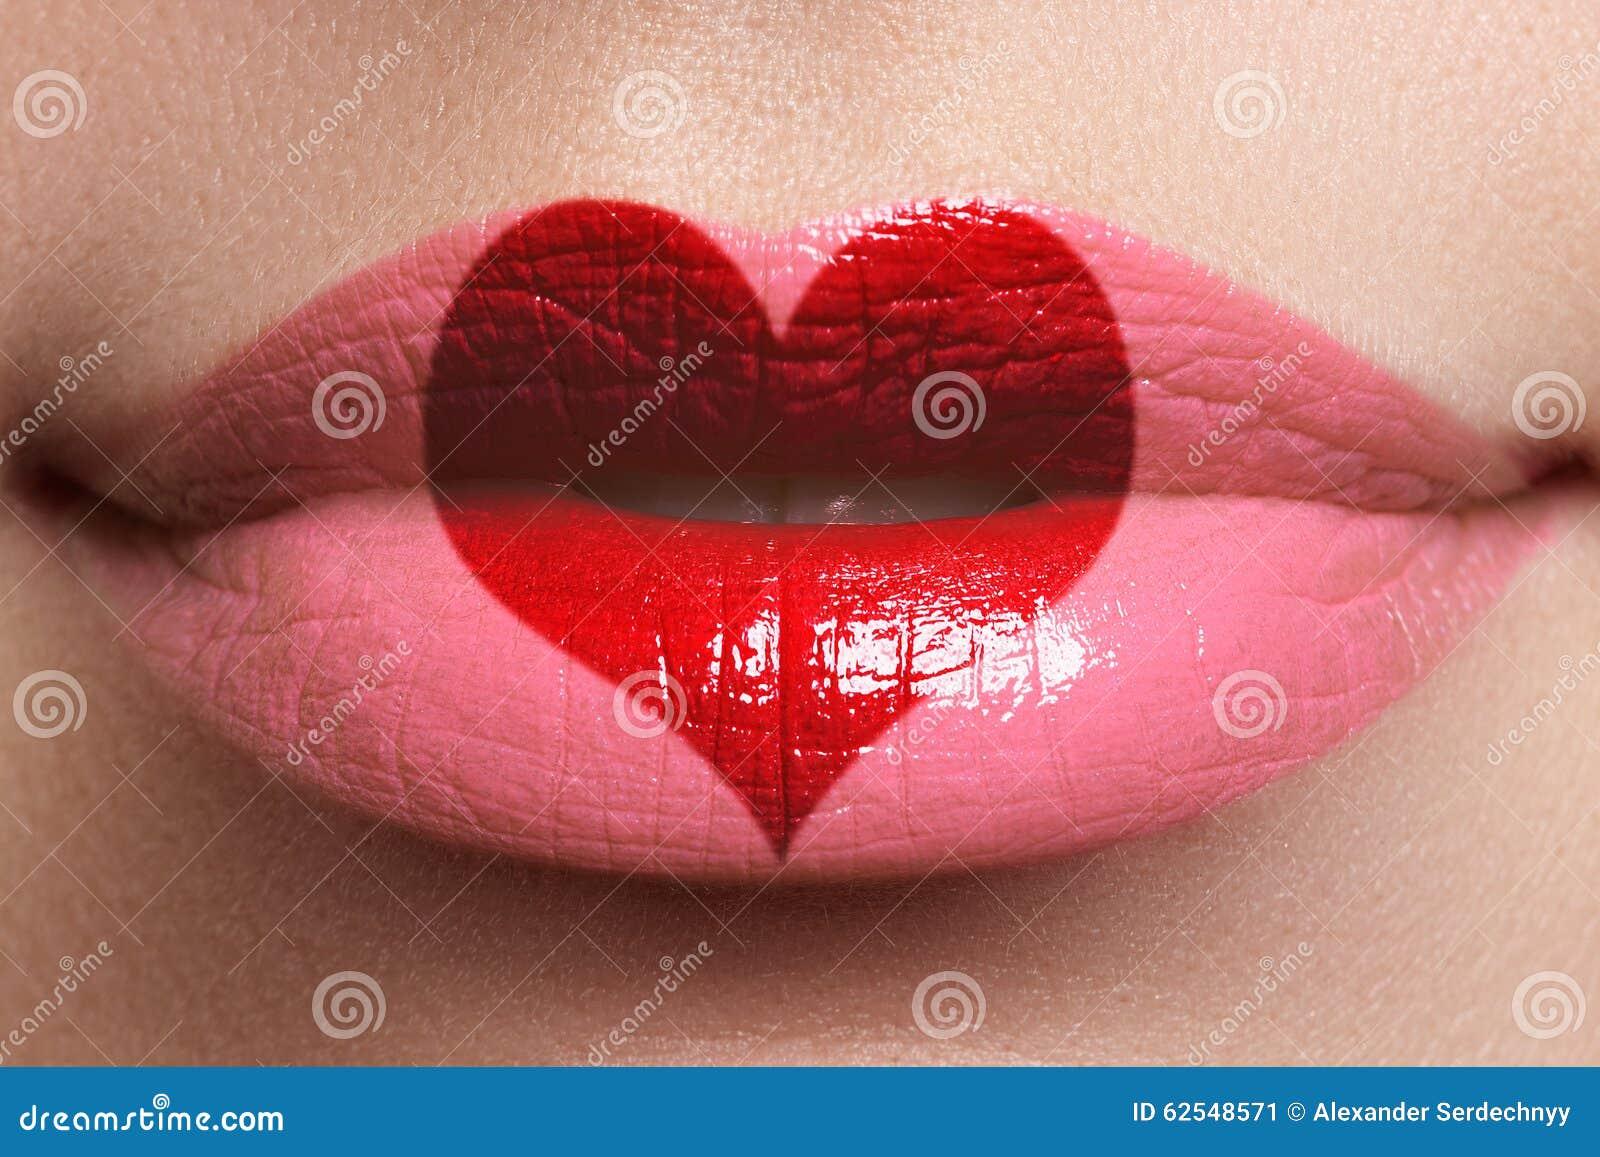 Beso del corazón en los labios Labios llenos atractivos de la belleza con la pintura de la forma del corazón Rose roja Maquillaje